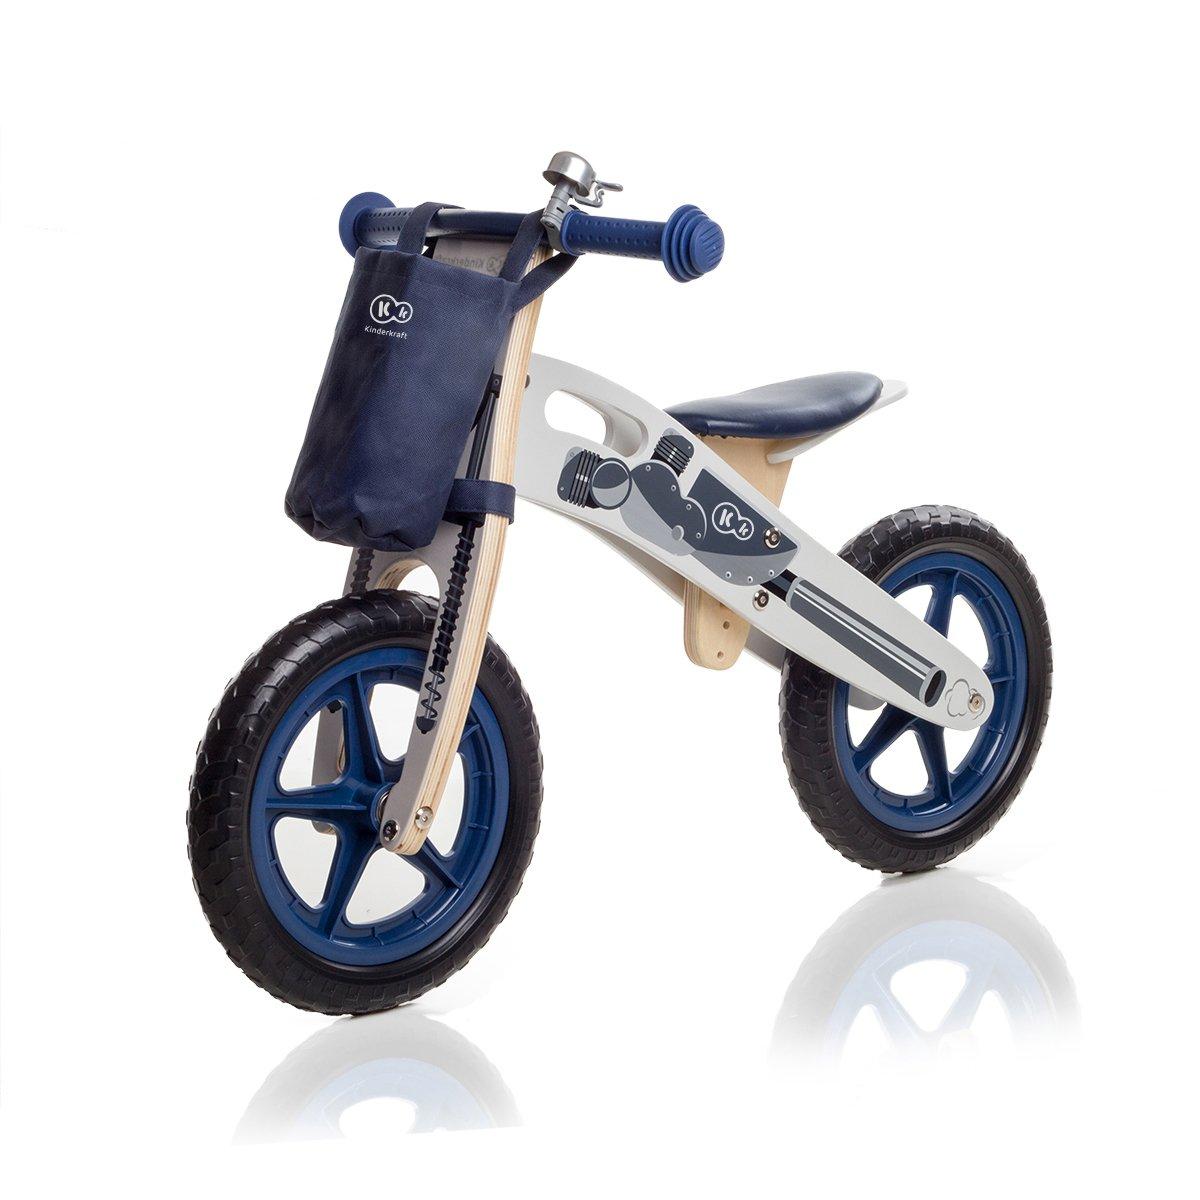 KinderKraft Niños Fuerza Runner Bicicleta de Madera sin Pedales con Campana de Bolsa y de 2 Colores 5902021219841